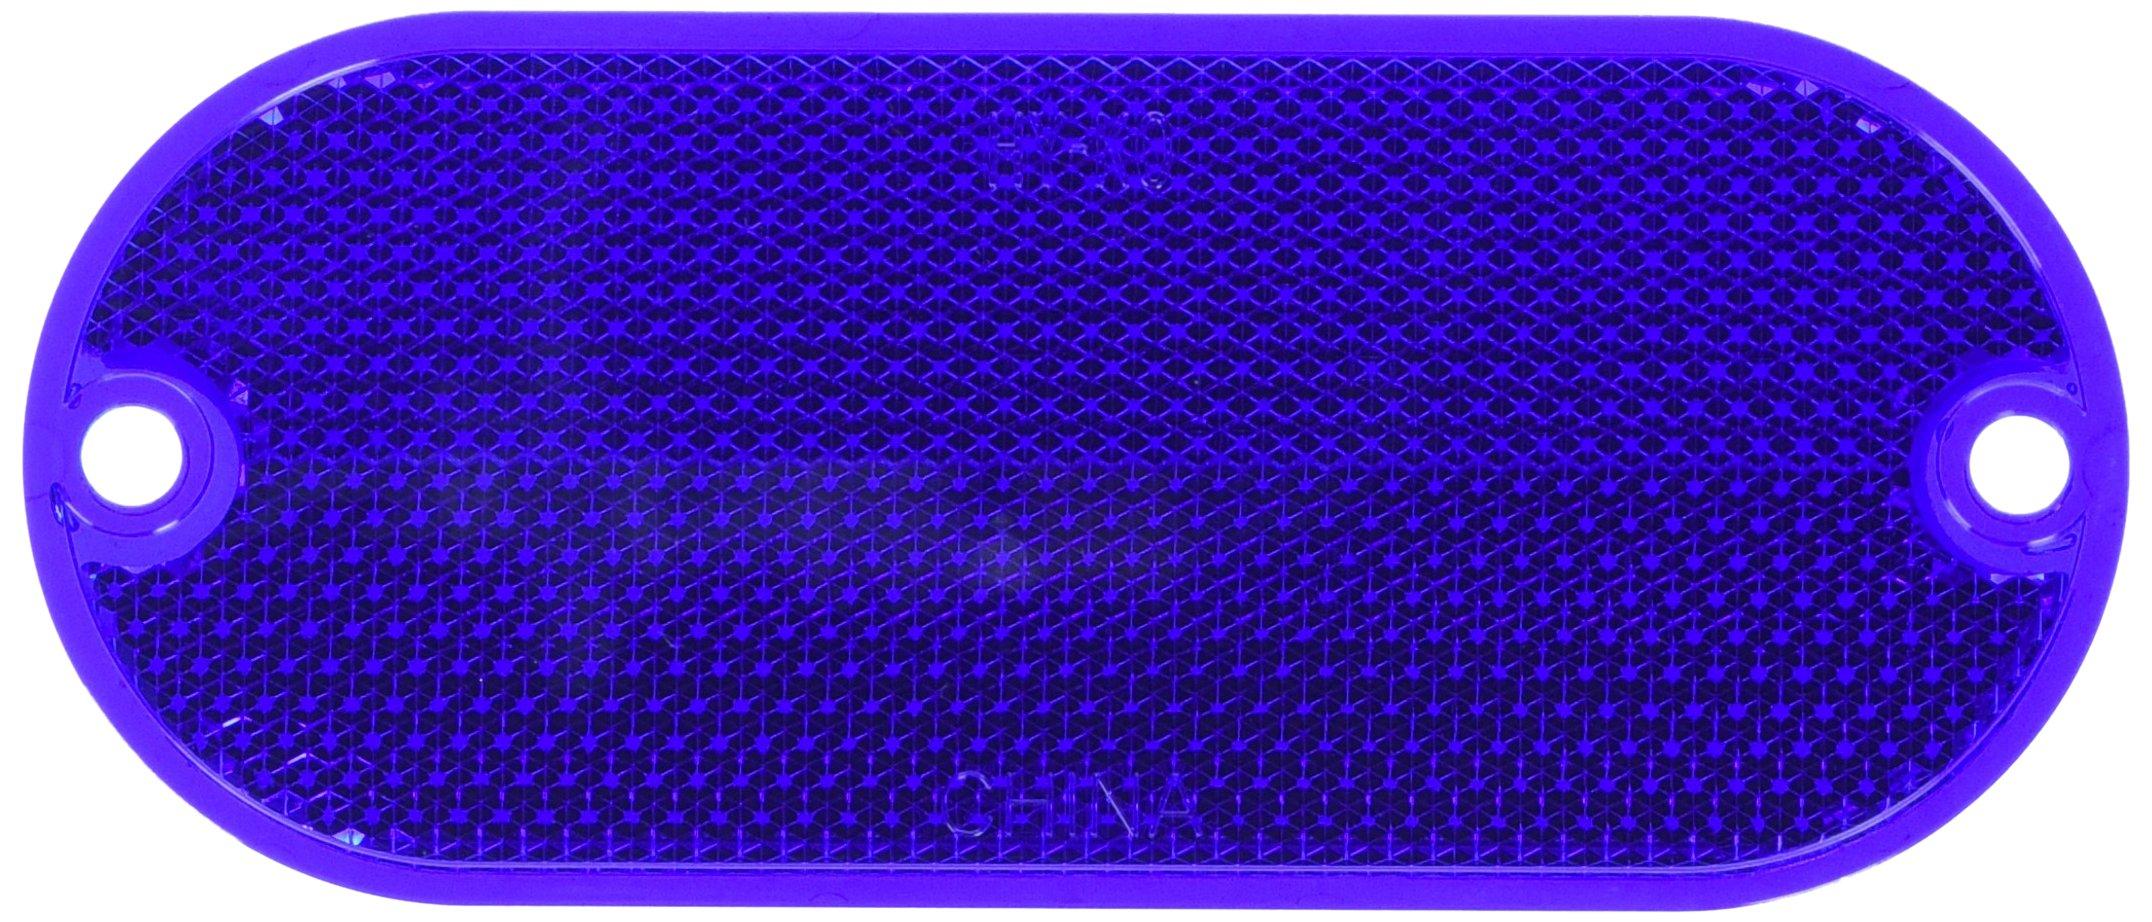 HY-KO PROD Oval Reflector, 2 Pack, 4-3/8'', Blue (CORB-7B) by HY-KO PROD (Image #1)